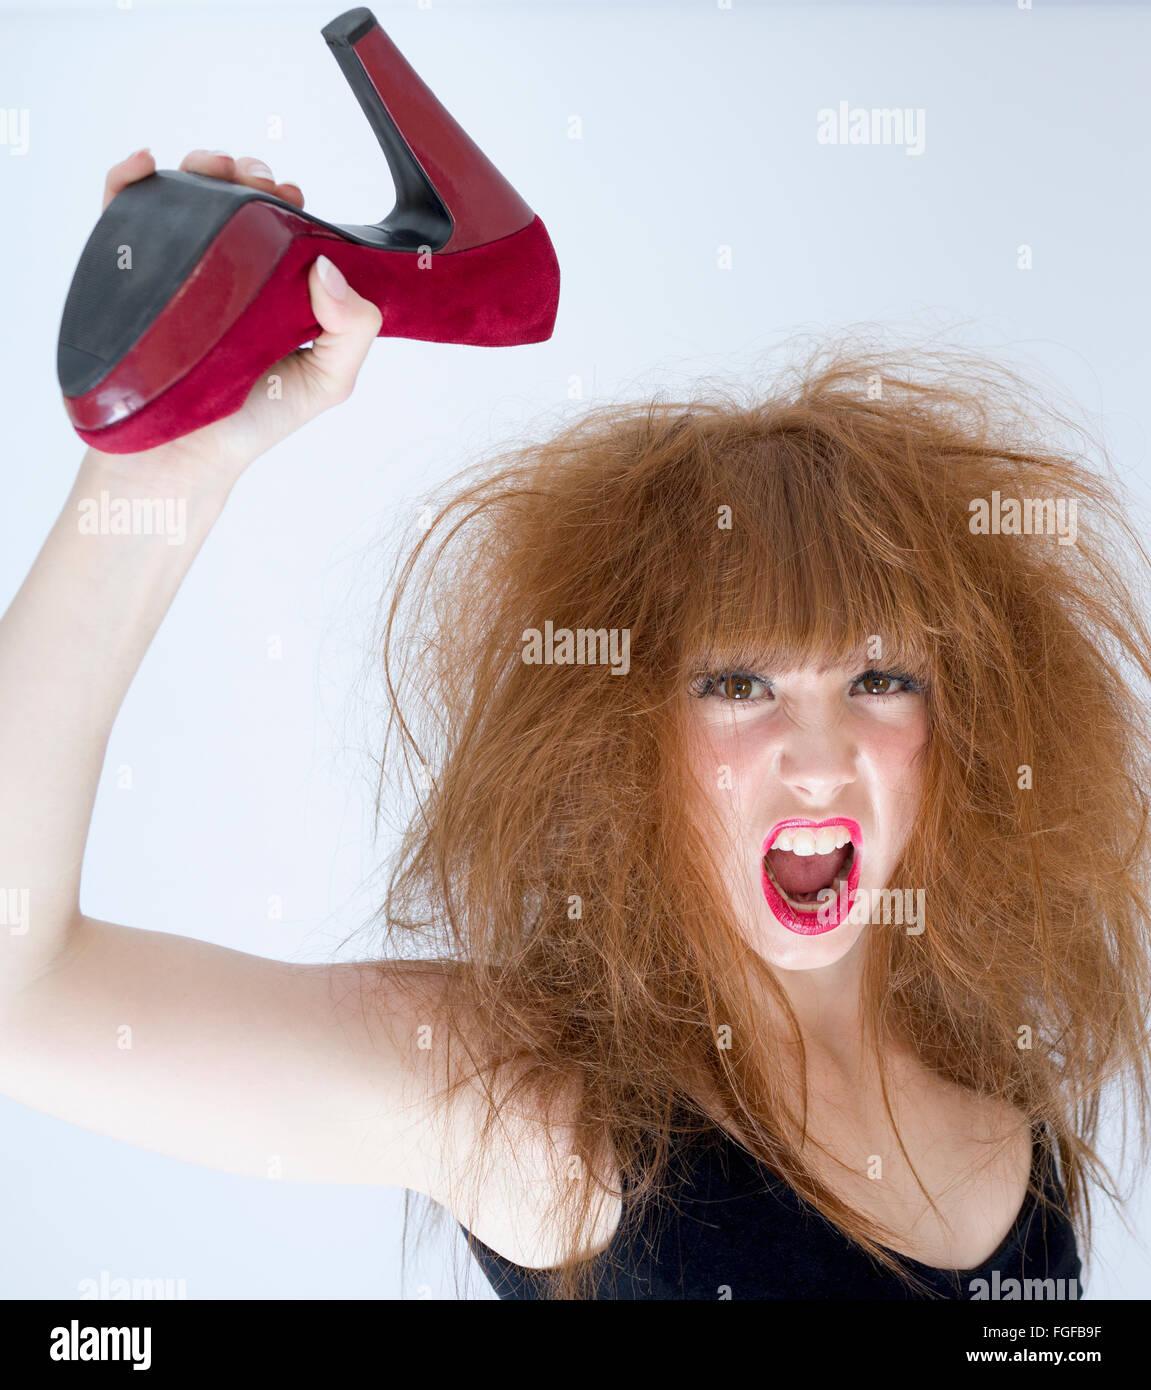 Femme aux cheveux en désordre tenant une chaussure haut talon en daim rouge dans l'air sur le point de frapper, Banque D'Images